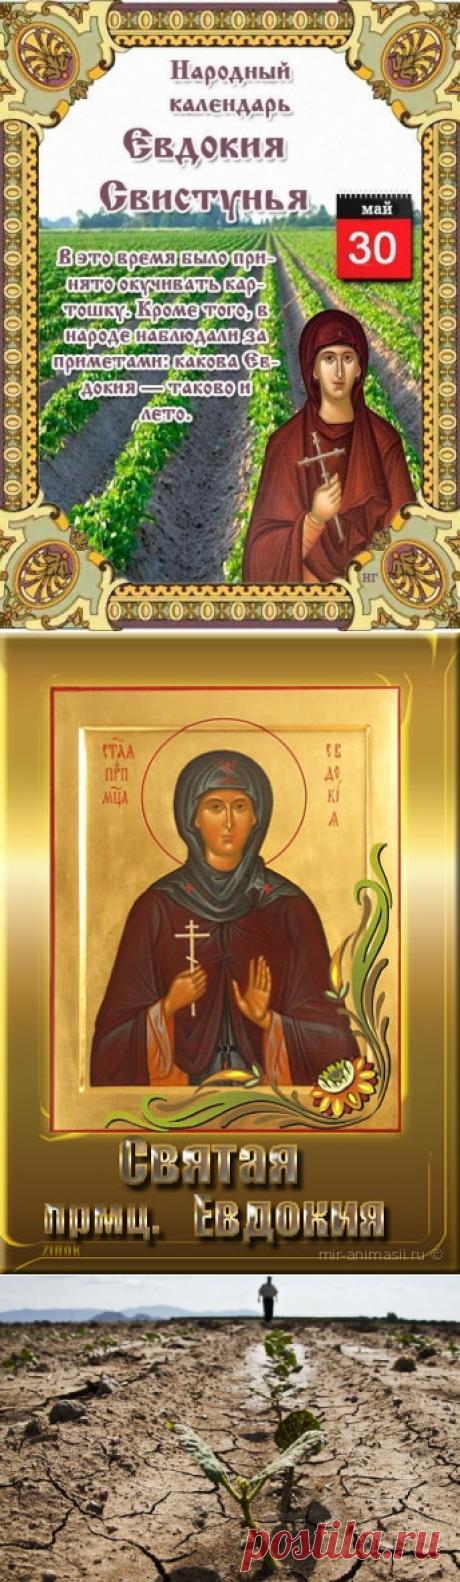 30 мая - Народно-христианский праздник Евдокия Свистунья.